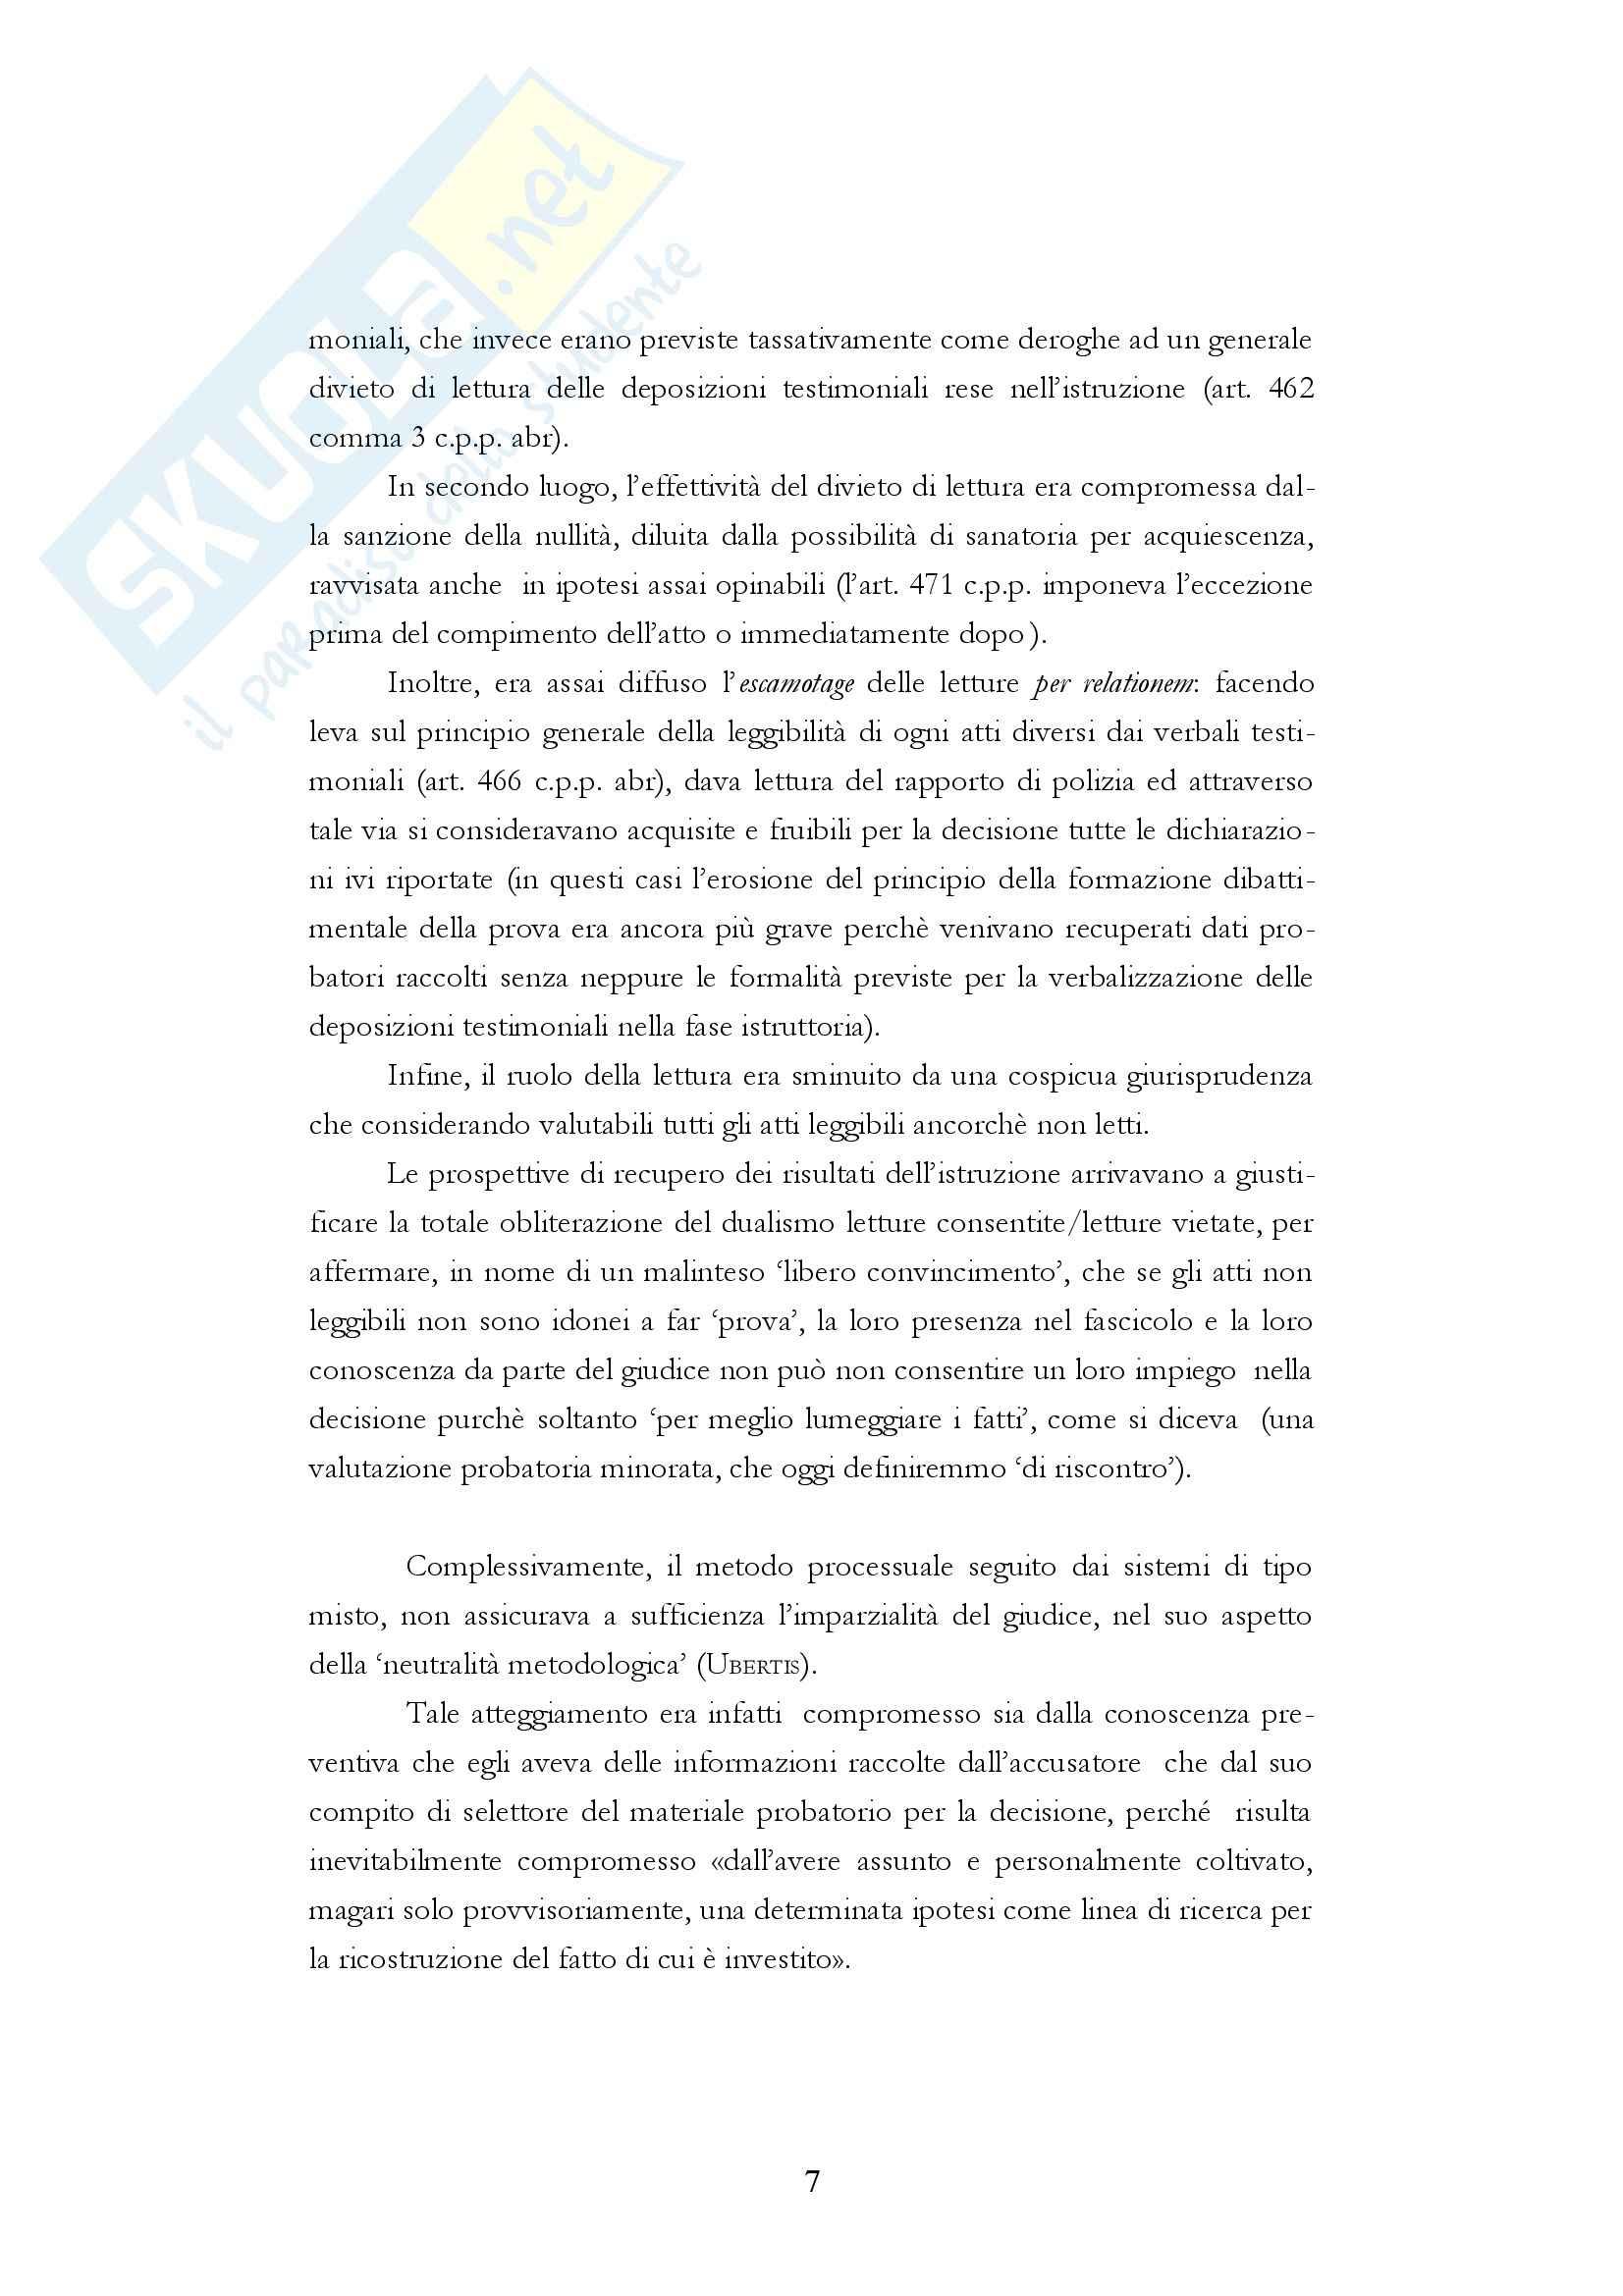 Diritto processuale penale - i fascicoli del processo penale Pag. 6